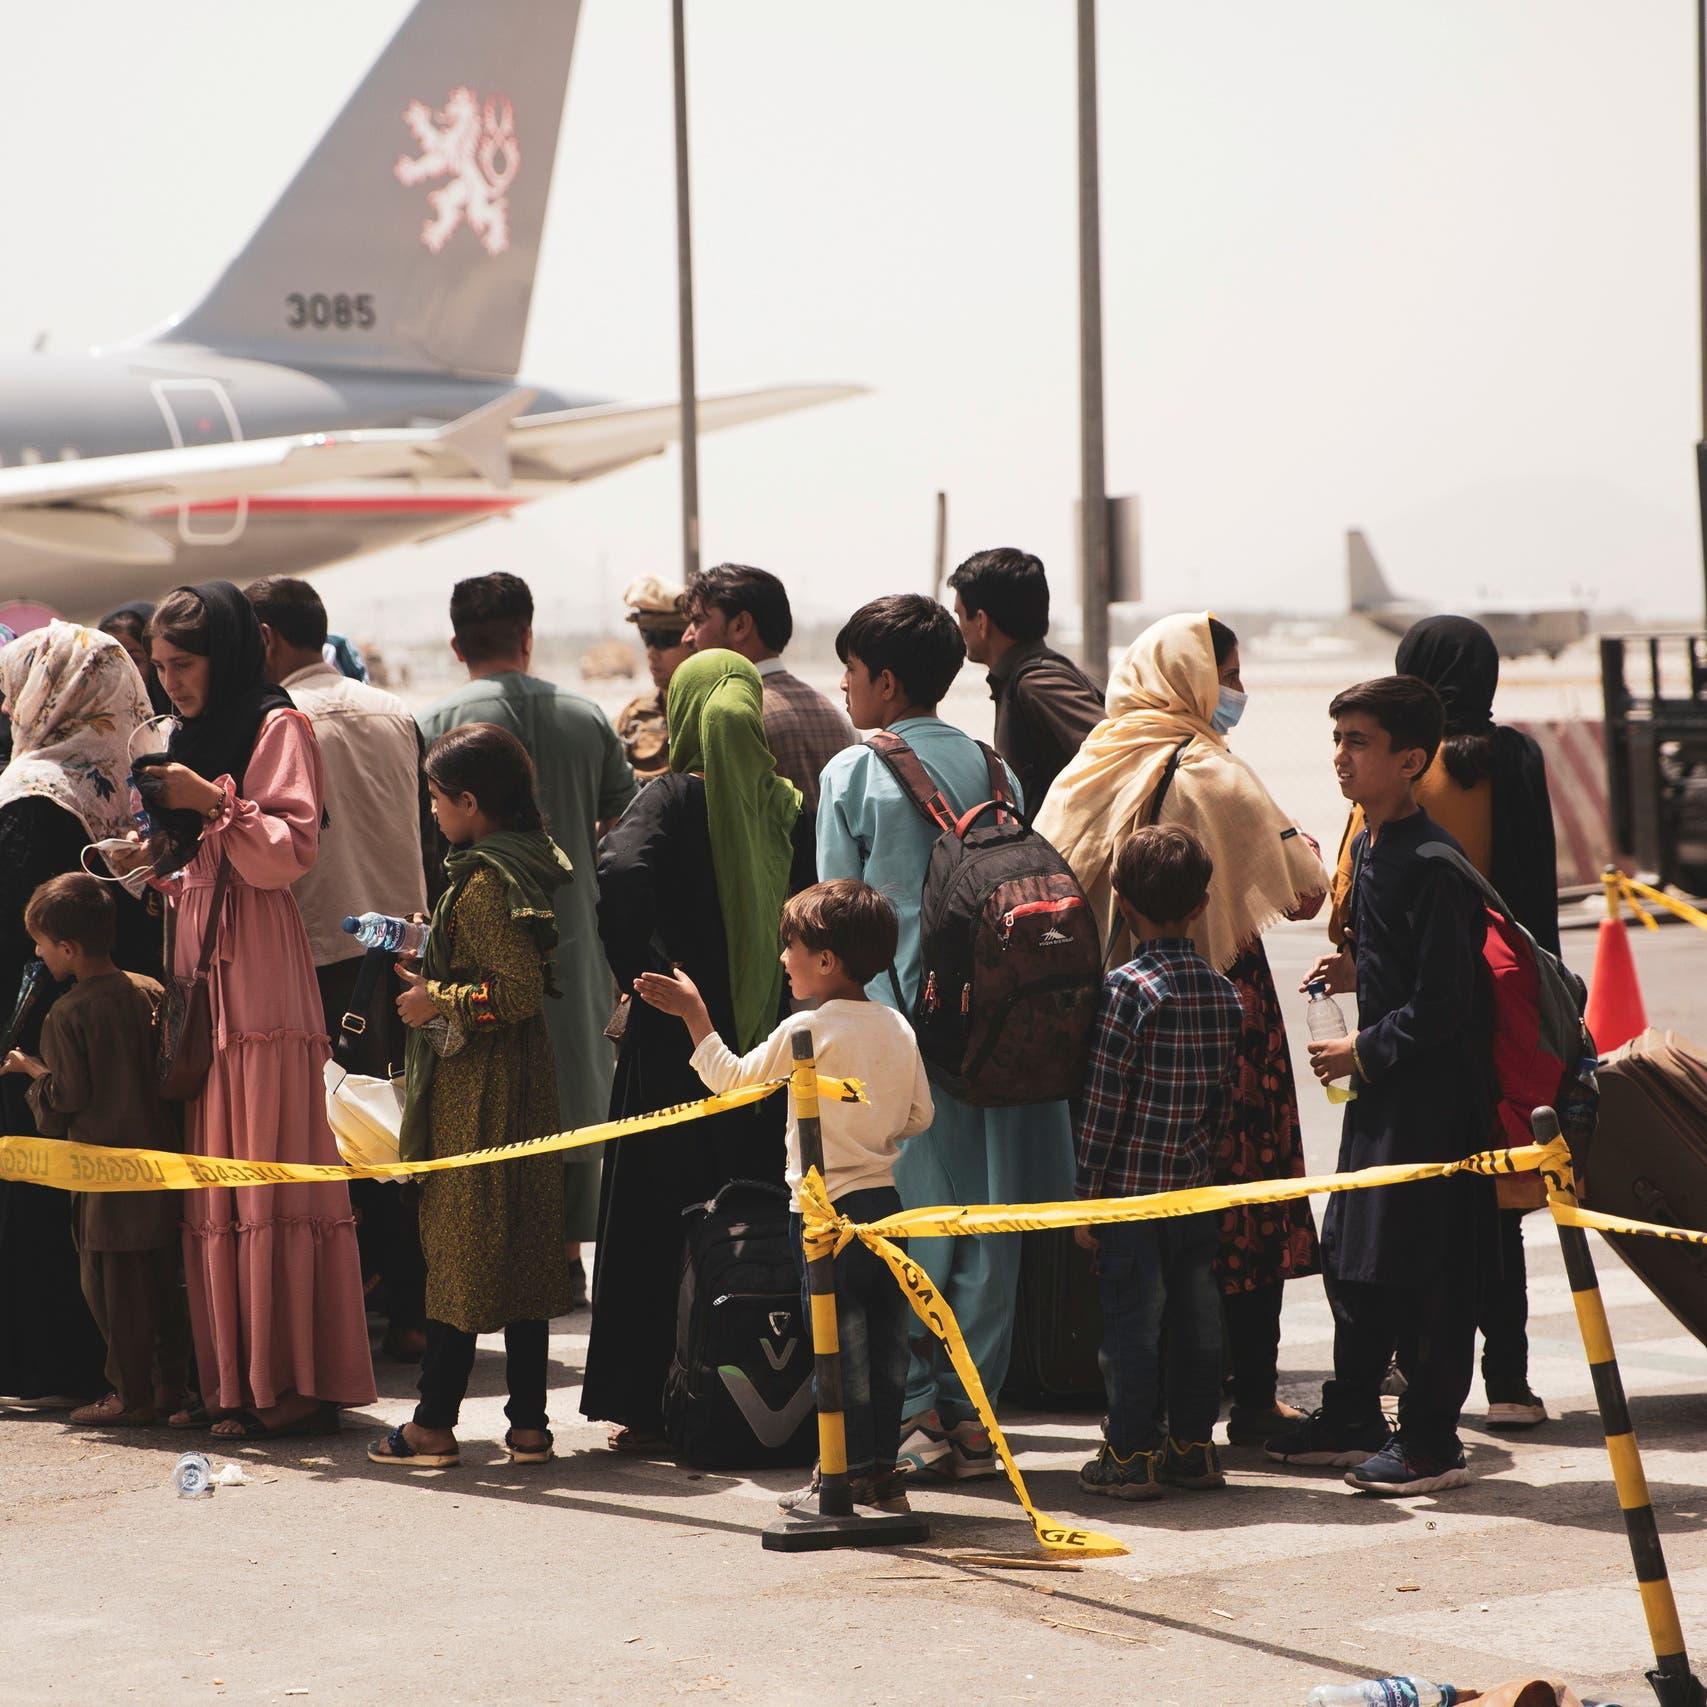 عمليات الإجلاء تتواصل.. أكثر من 18 ألفاً غادروا أفغانستان